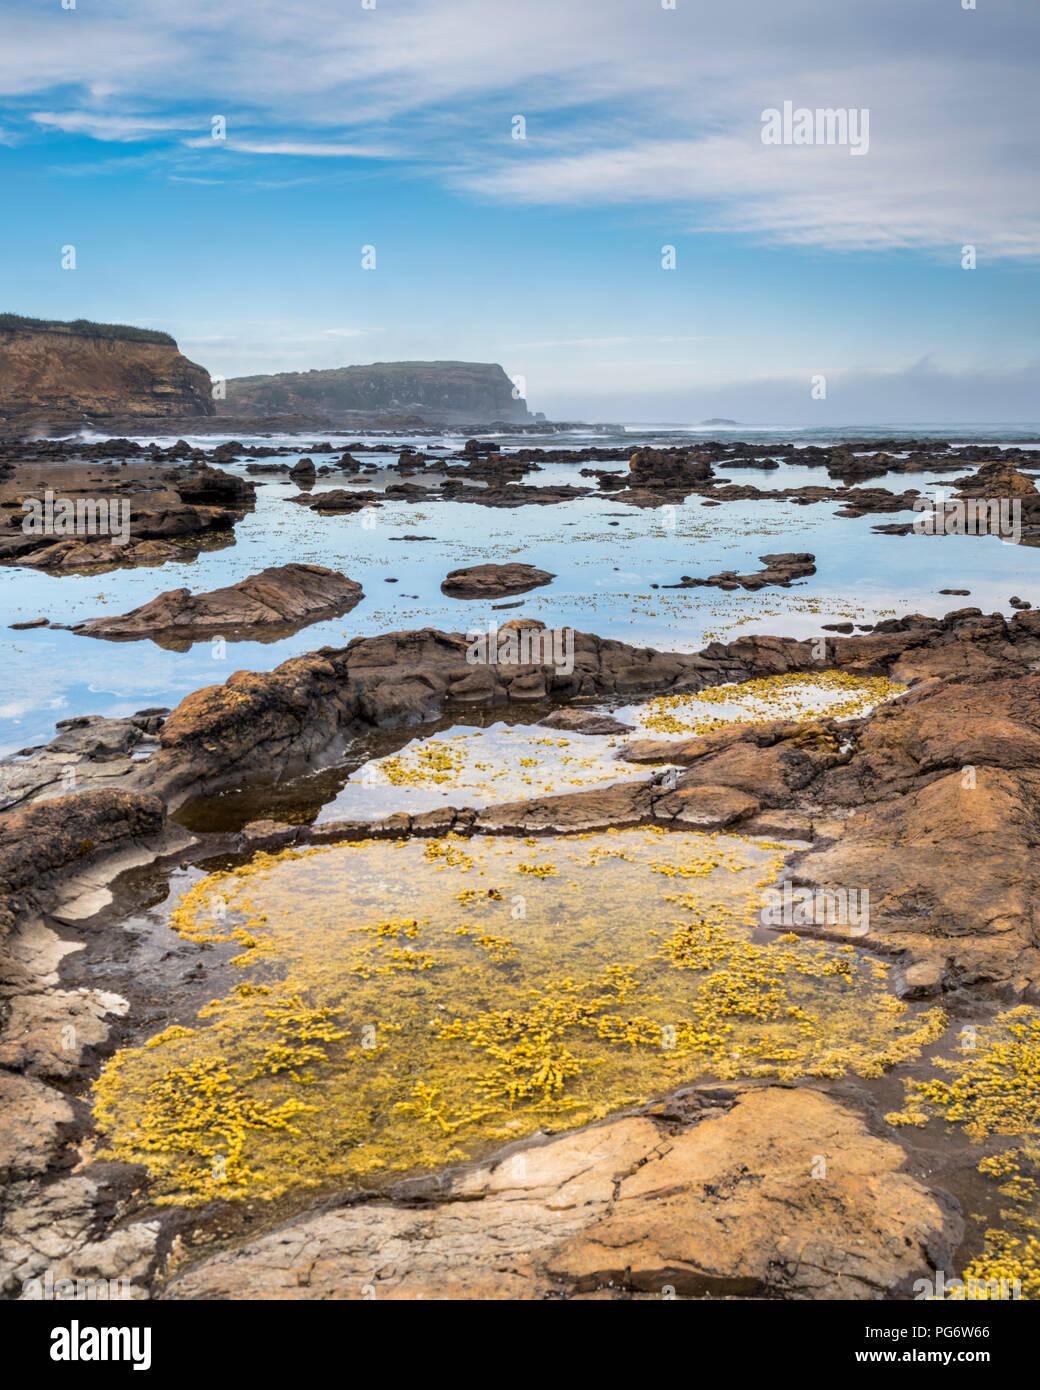 Nouvelle Zélande, île du Sud, le sud de l'itinéraire touristique, Orepuki, Curio Bay Photo Stock